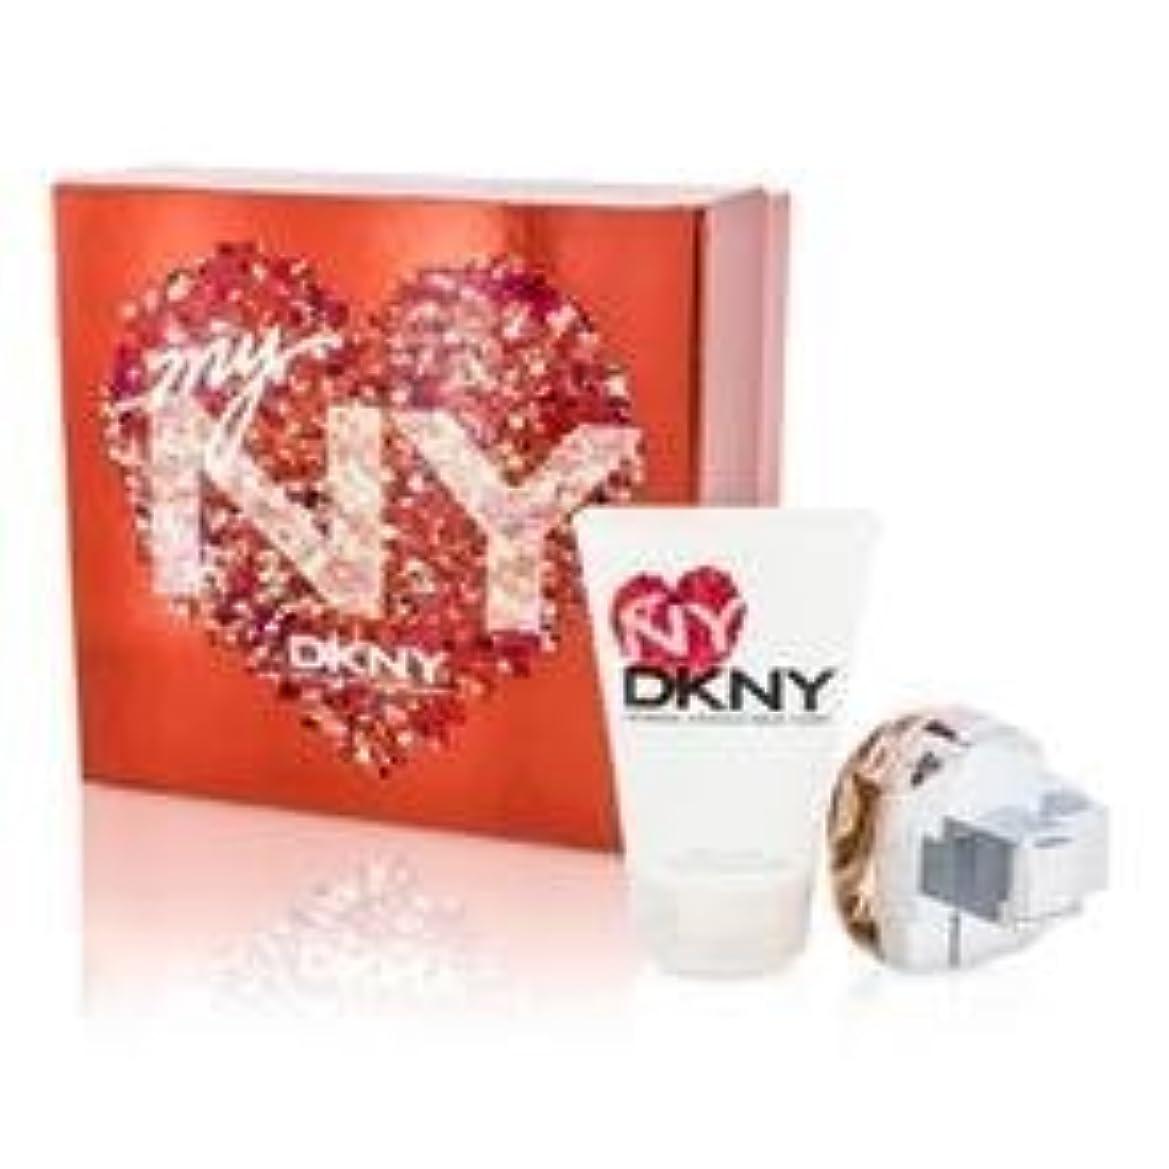 策定するリダクター無限DKNY My NY The Heart Of The City Coffret: Eau De Parfum Spray 50ml/1.7oz + Body Lotion 100ml/3.4oz 2pcs並行輸入品